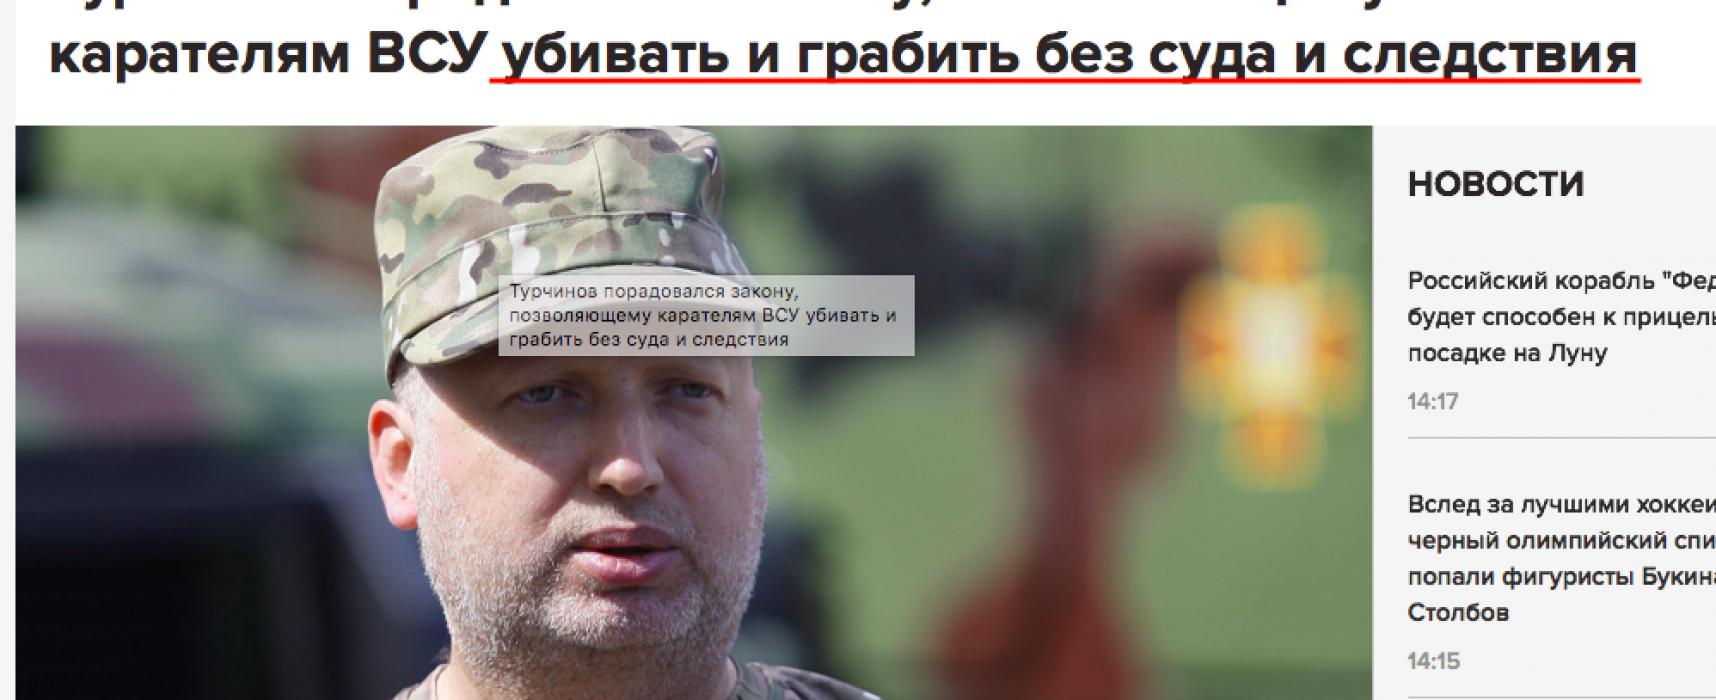 Фейк: Закон о деоккупации Донбасса позволяет ВСУ убивать и грабить без суда и следствия